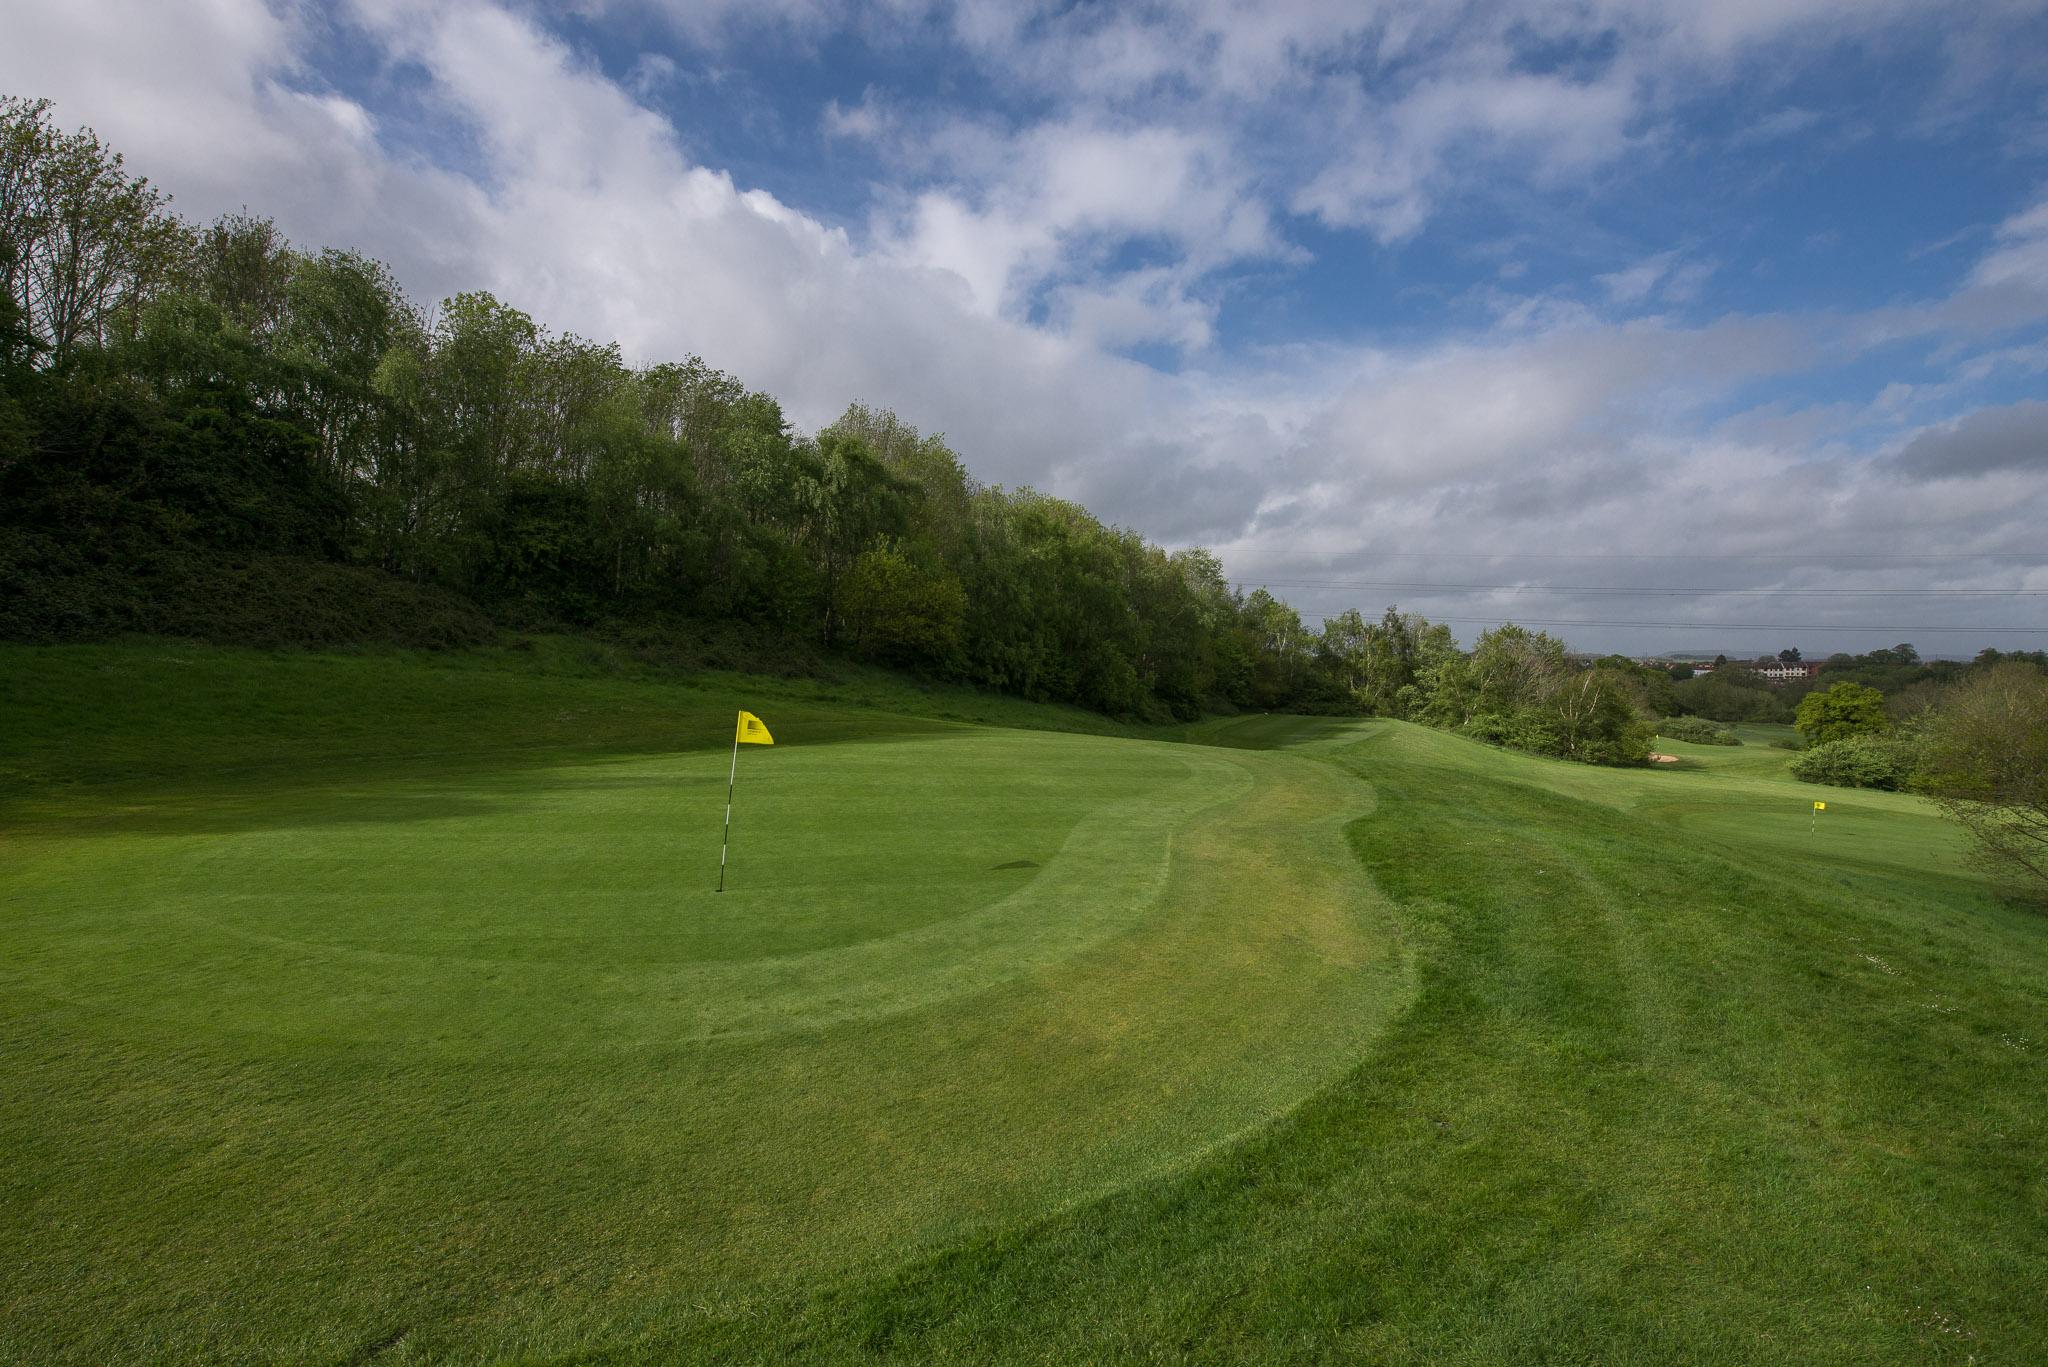 BGL_Thornbury_GolfCourse_AndyHiseman_72dpi_EmailWeb-1.jpg